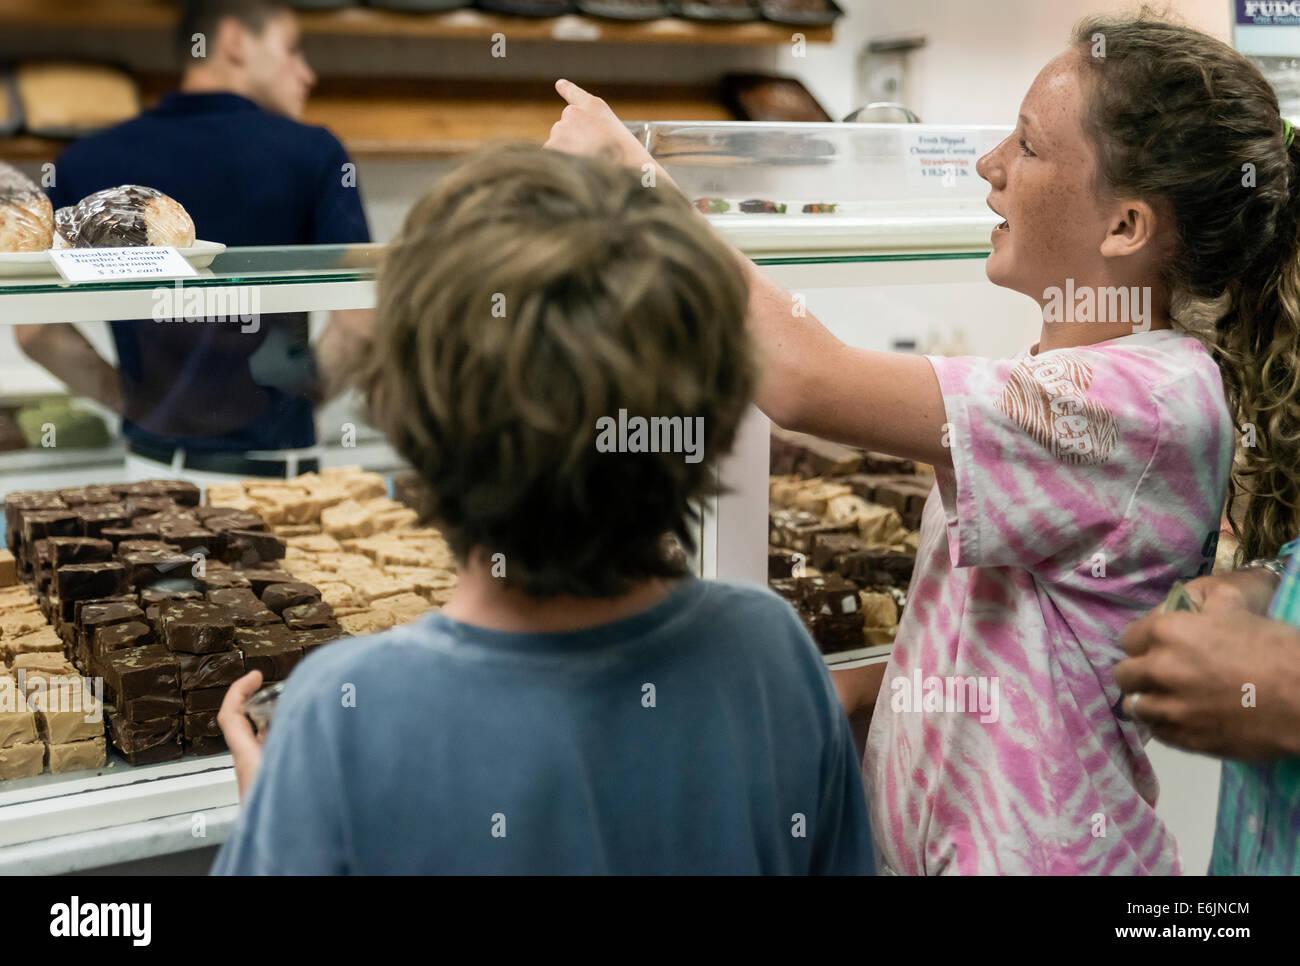 Los niños hacer una selección en una pifia shop. Imagen De Stock